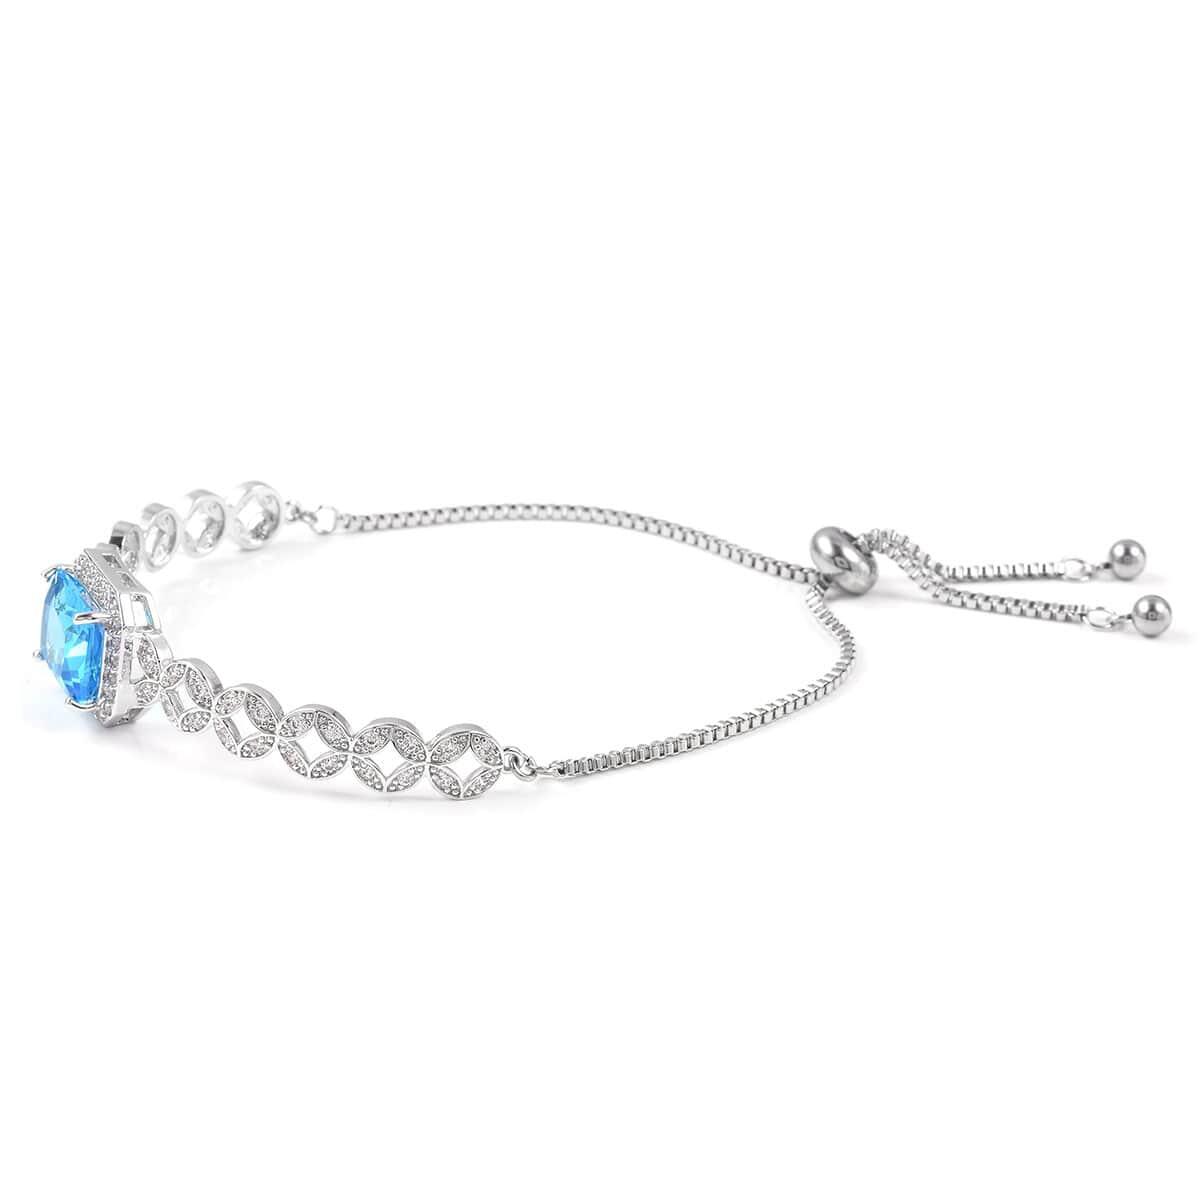 12-Color-Options-Cubic-Zirconia-Bracelet-Chain-Pendant-Necklace-Set-Adjustable thumbnail 91